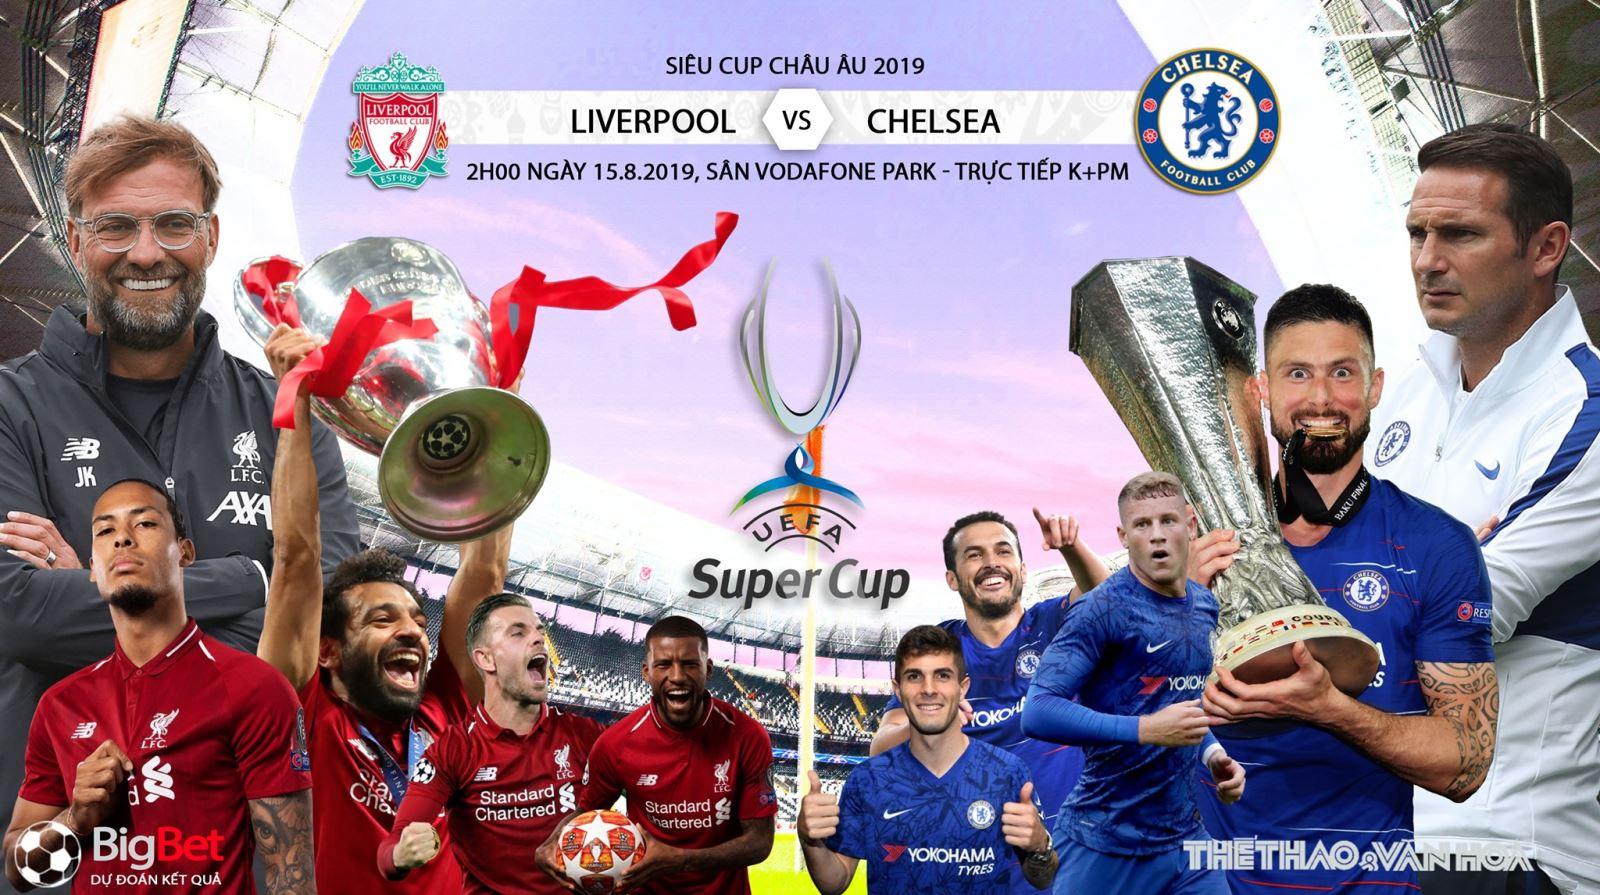 Soi kèo và trực tiếp bóng đá Liverpool đấu với Chelsea, siêu cúp châu Âu. Trực tiếp K+ PM